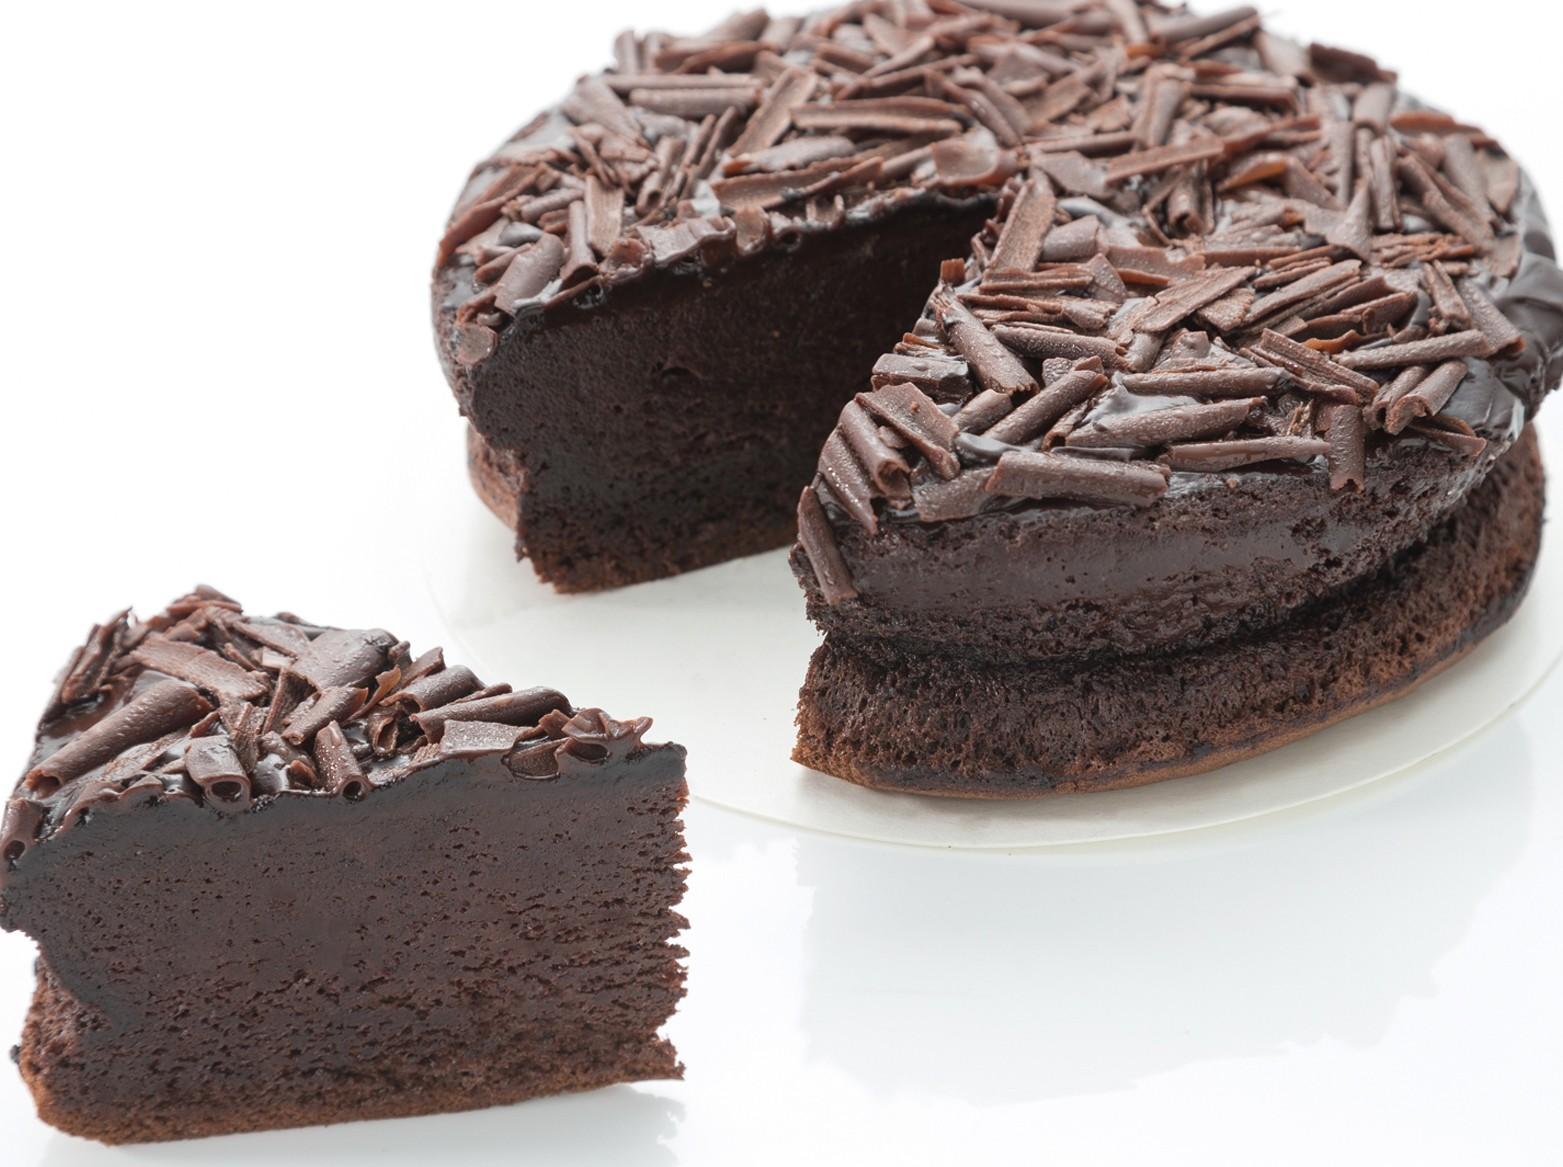 【蘿蒂烘焙坊】~無麵粉~新口感(重乳酪蛋糕)(濃情純巧克力蛋糕)(黑岩特濃純巧克力蛋糕)/任選2種免運組